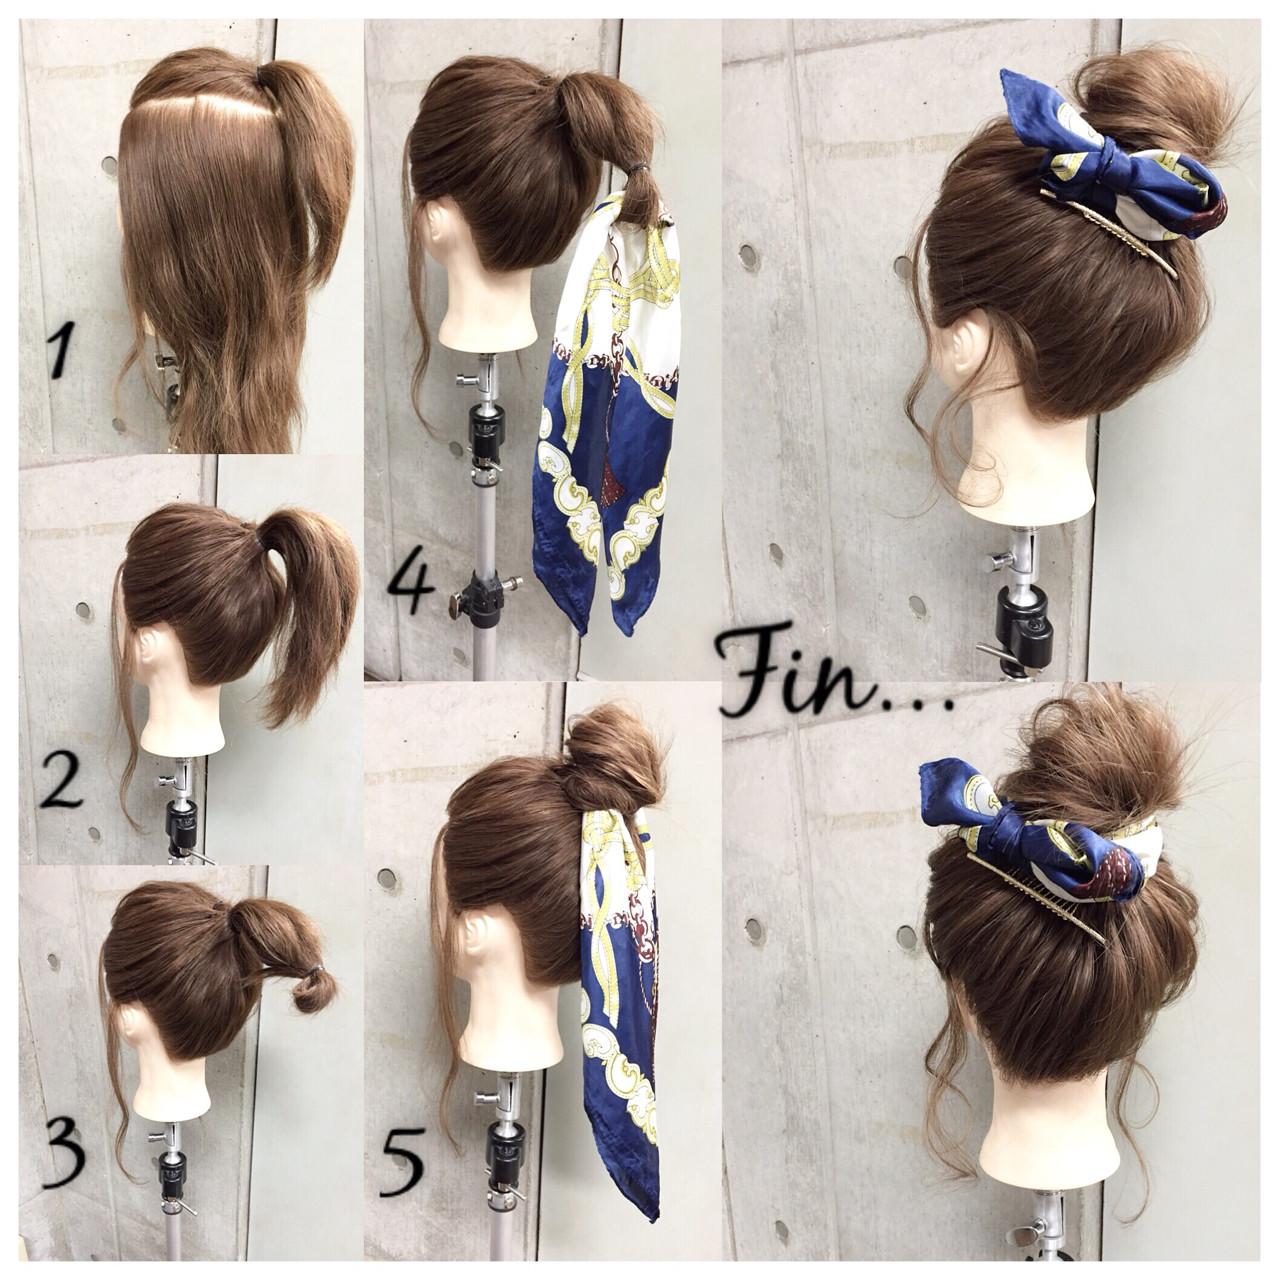 ショート 大人女子 メッシーバン ヘアアクセ ヘアスタイルや髪型の写真・画像